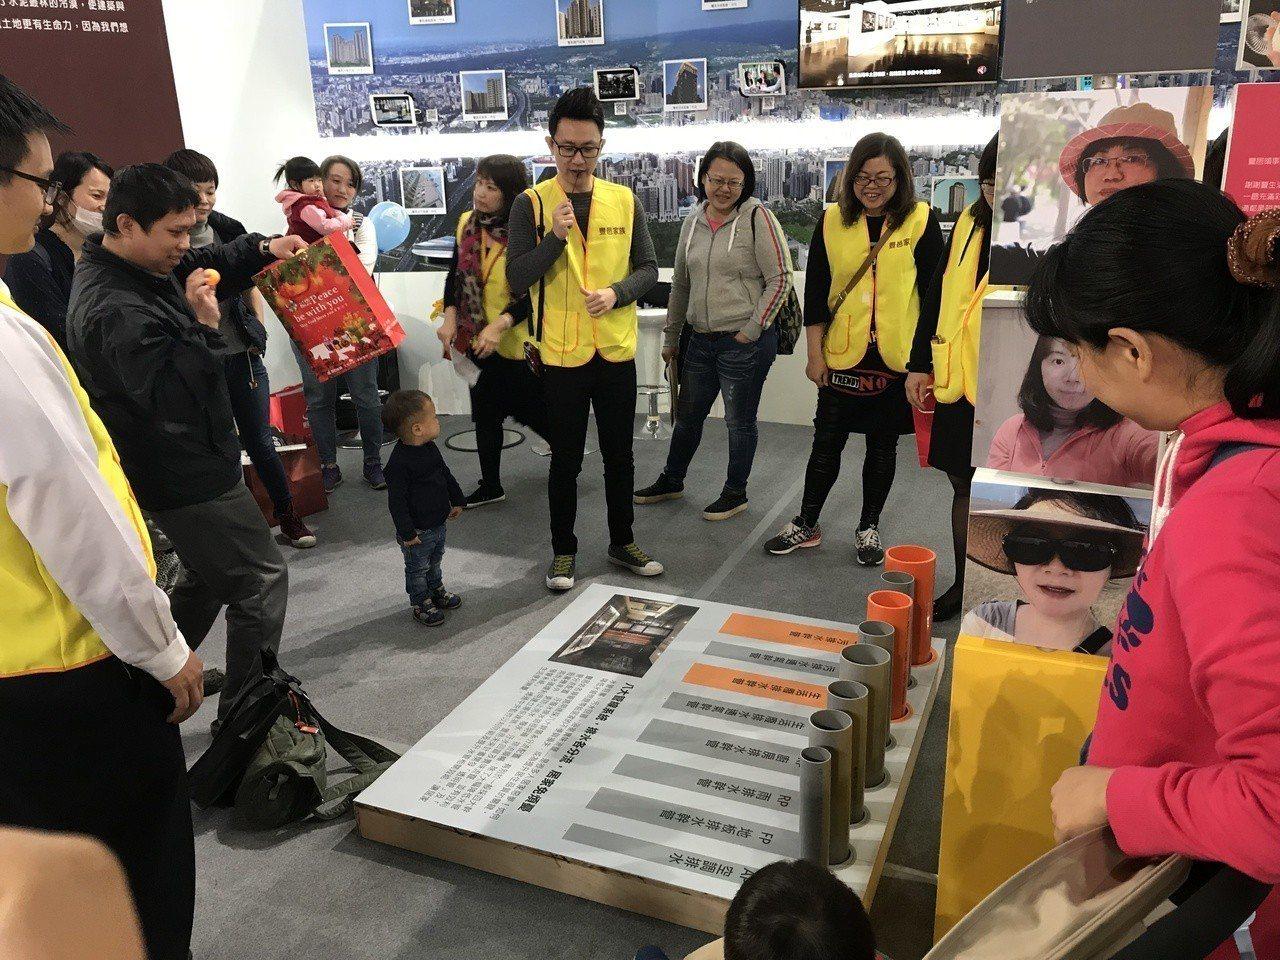 「2018住宅博覽會」建商設計不少活動與參觀者互動。記者李珣瑛/攝影